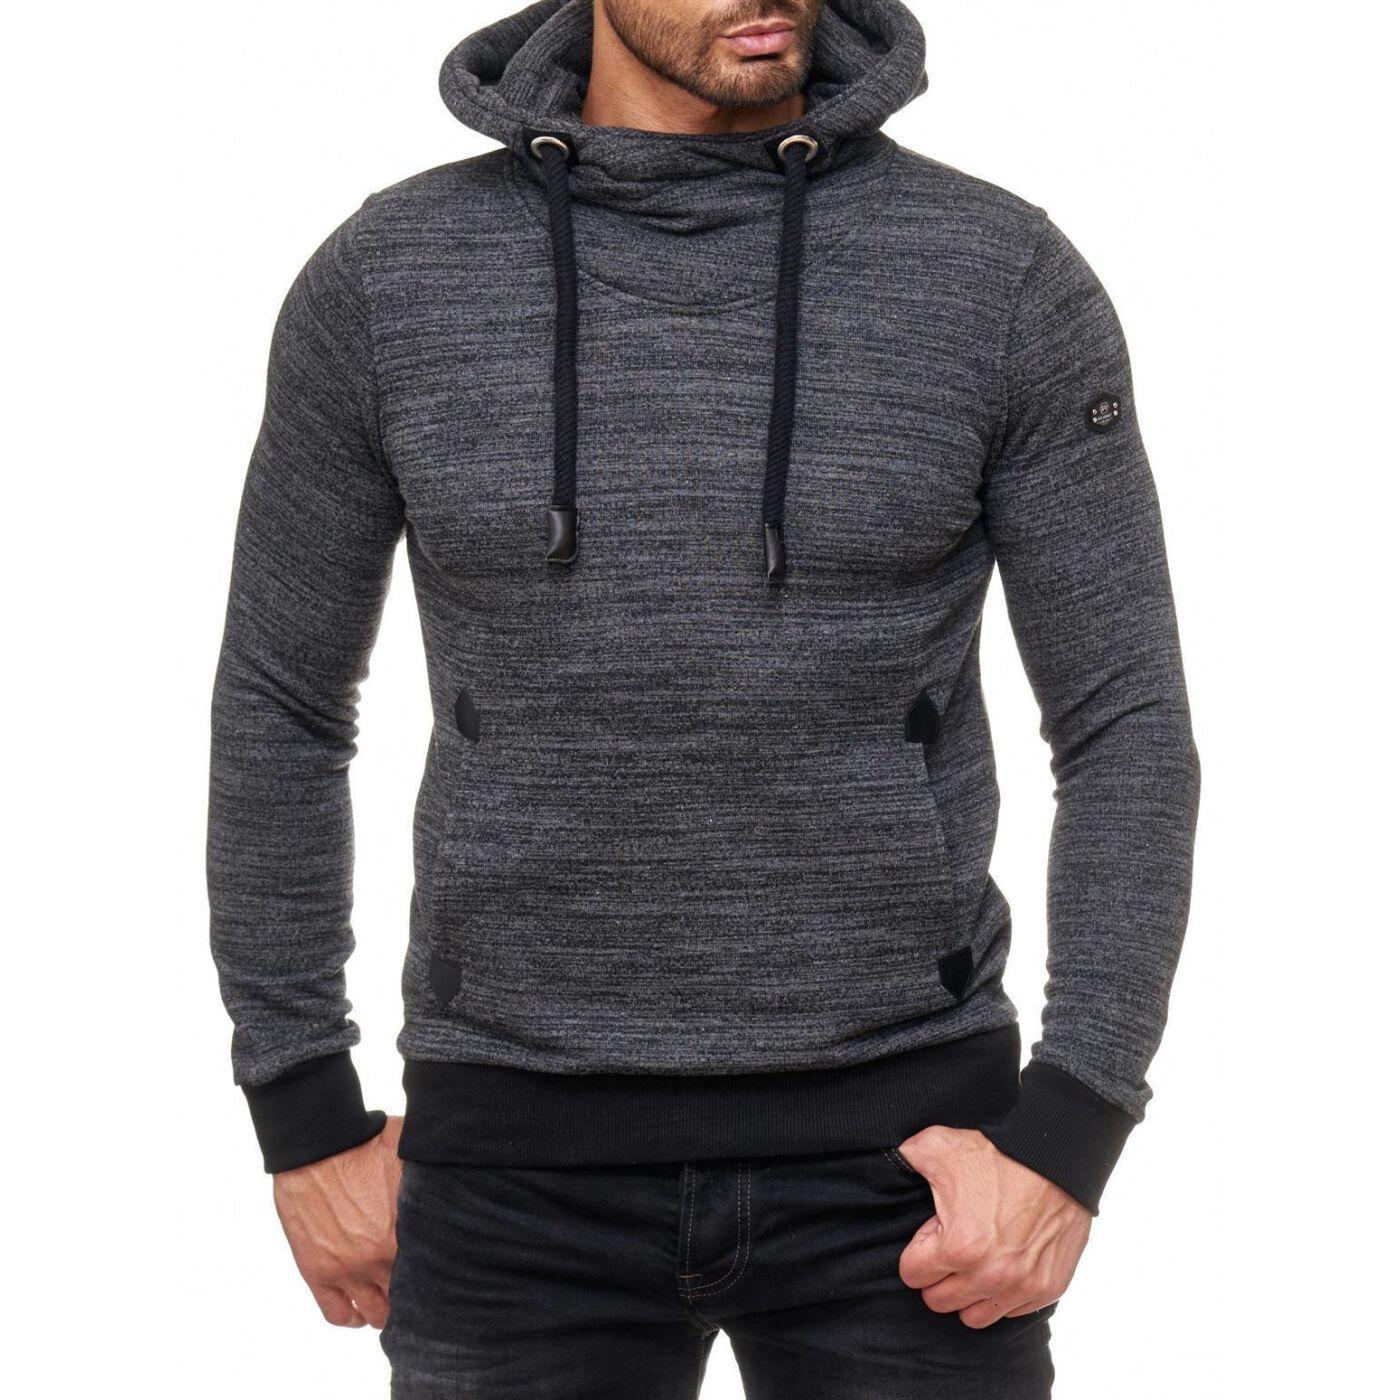 Herren Pullover und Sweatshirt Stehkragen Langarm, 18,99 €